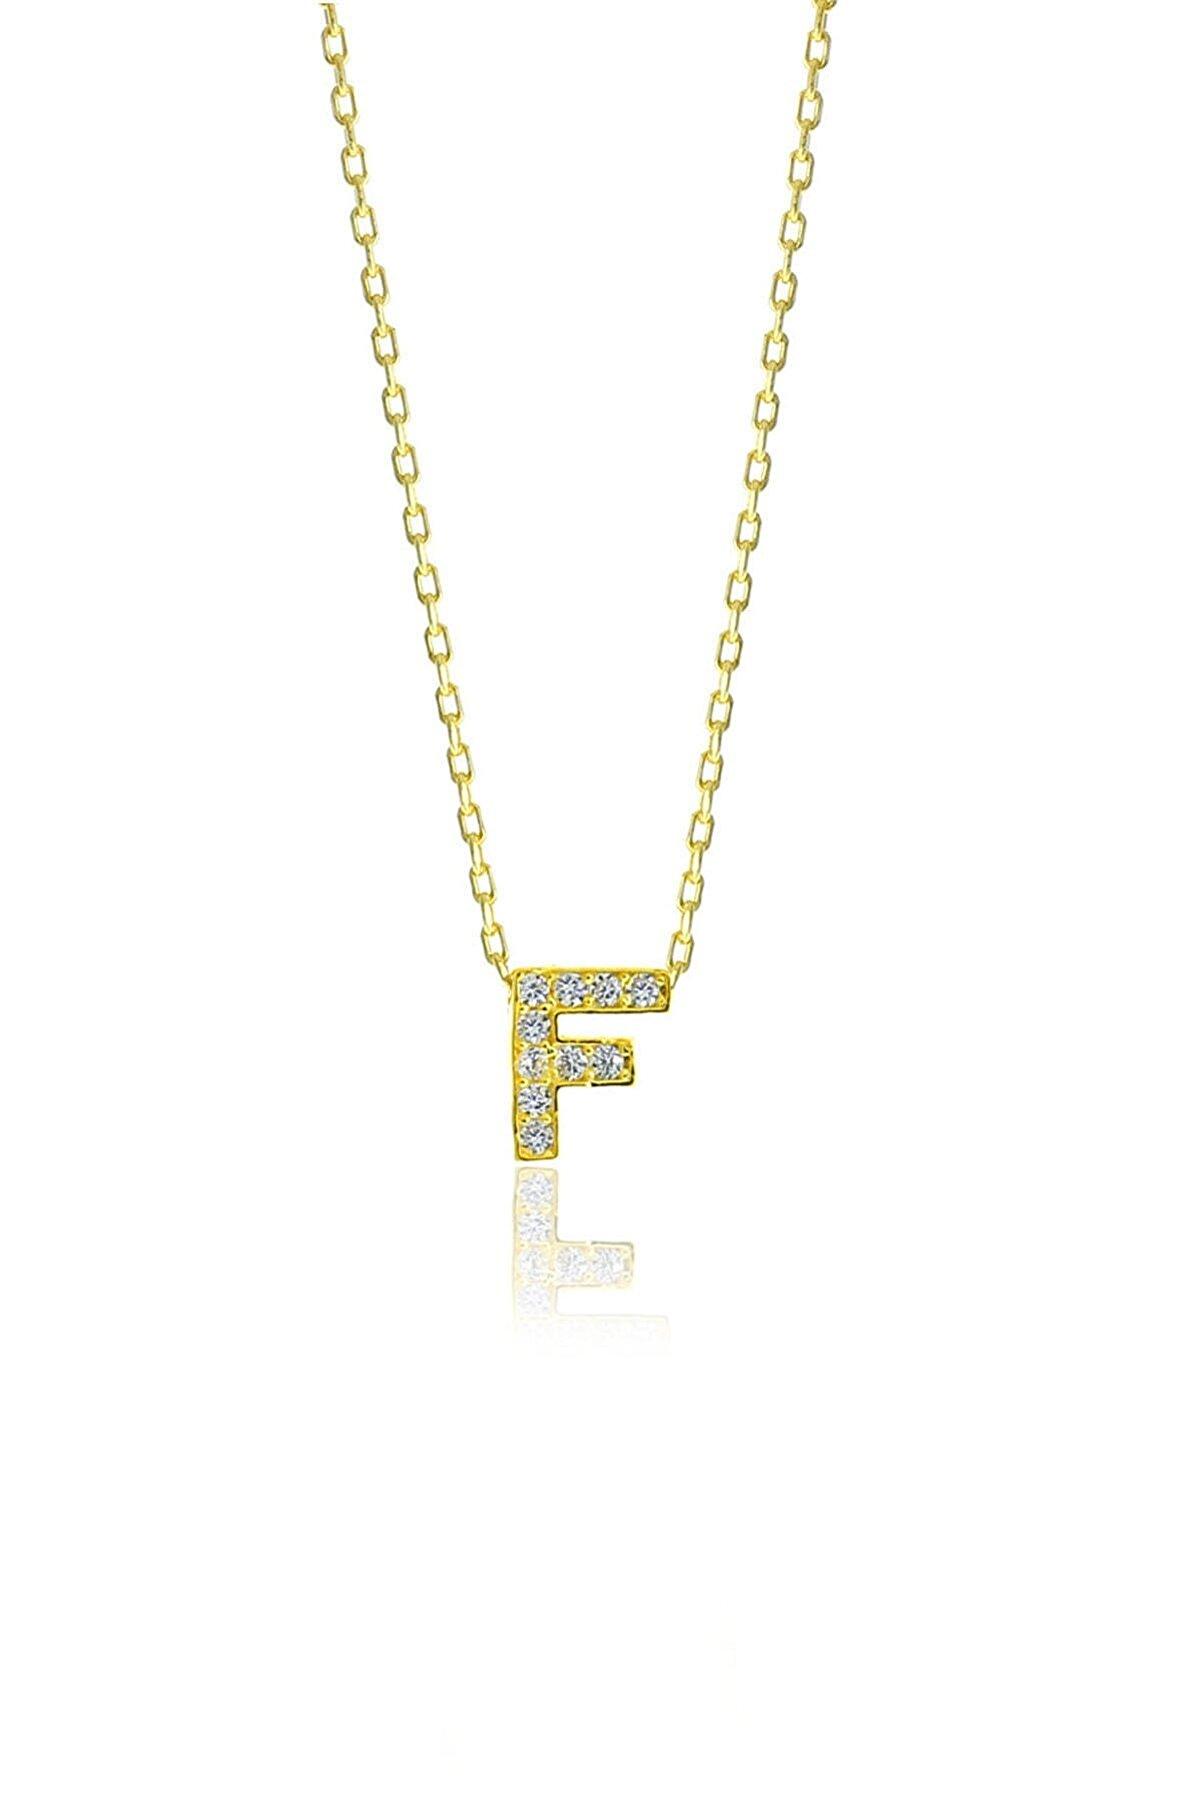 Söğütlü Silver Gümüş  Altın Yaldızlı Üç Boyutlu Minimal F Gümüş Harf Kolye